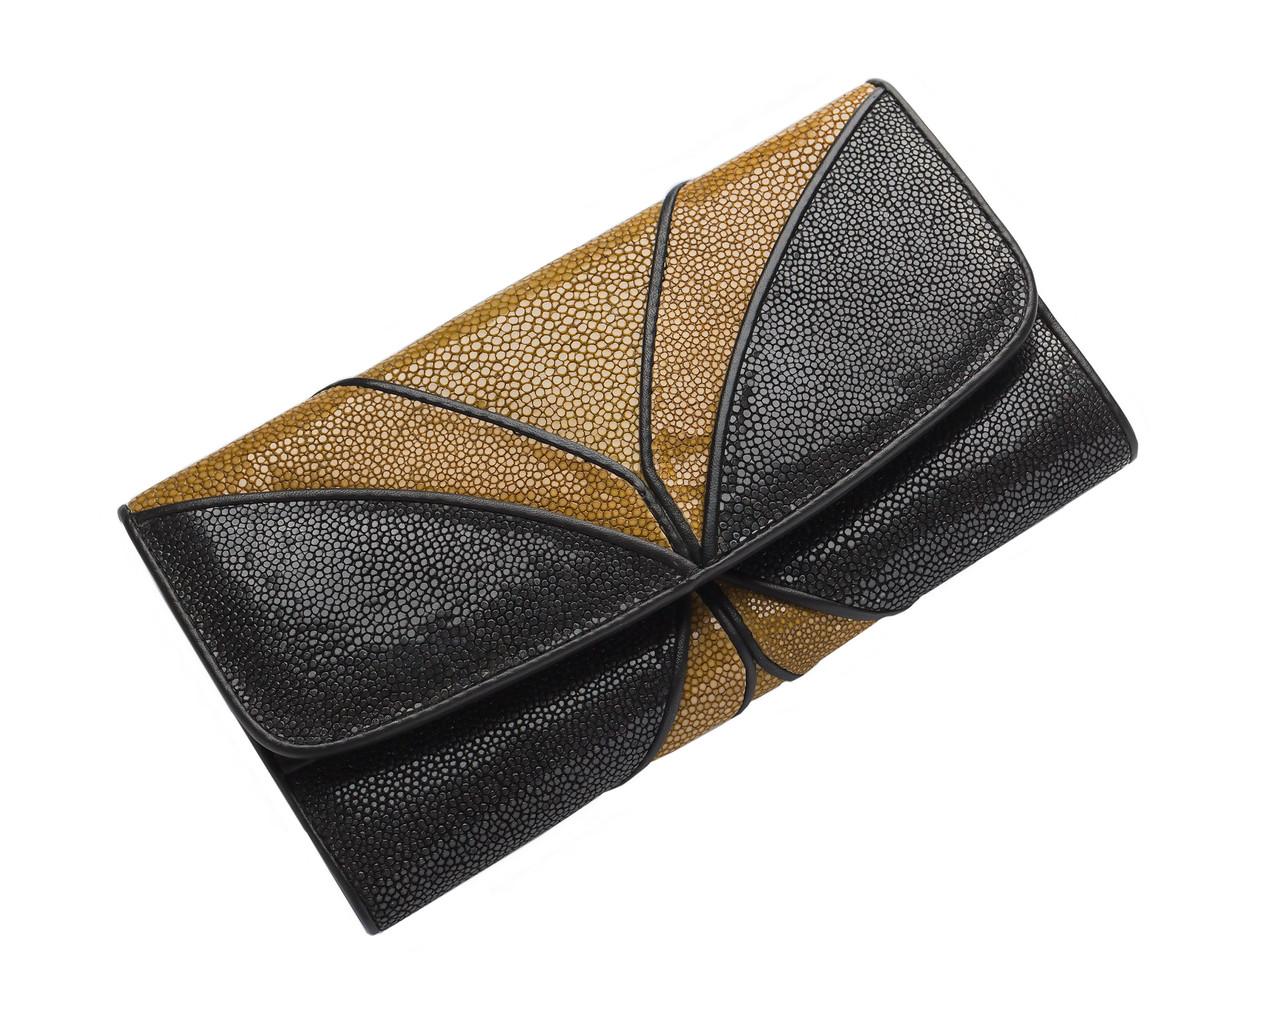 Кошелек женский Ekzotic Leather из натуральной кожи морского ската Черно- коричневый (stw 113_1)